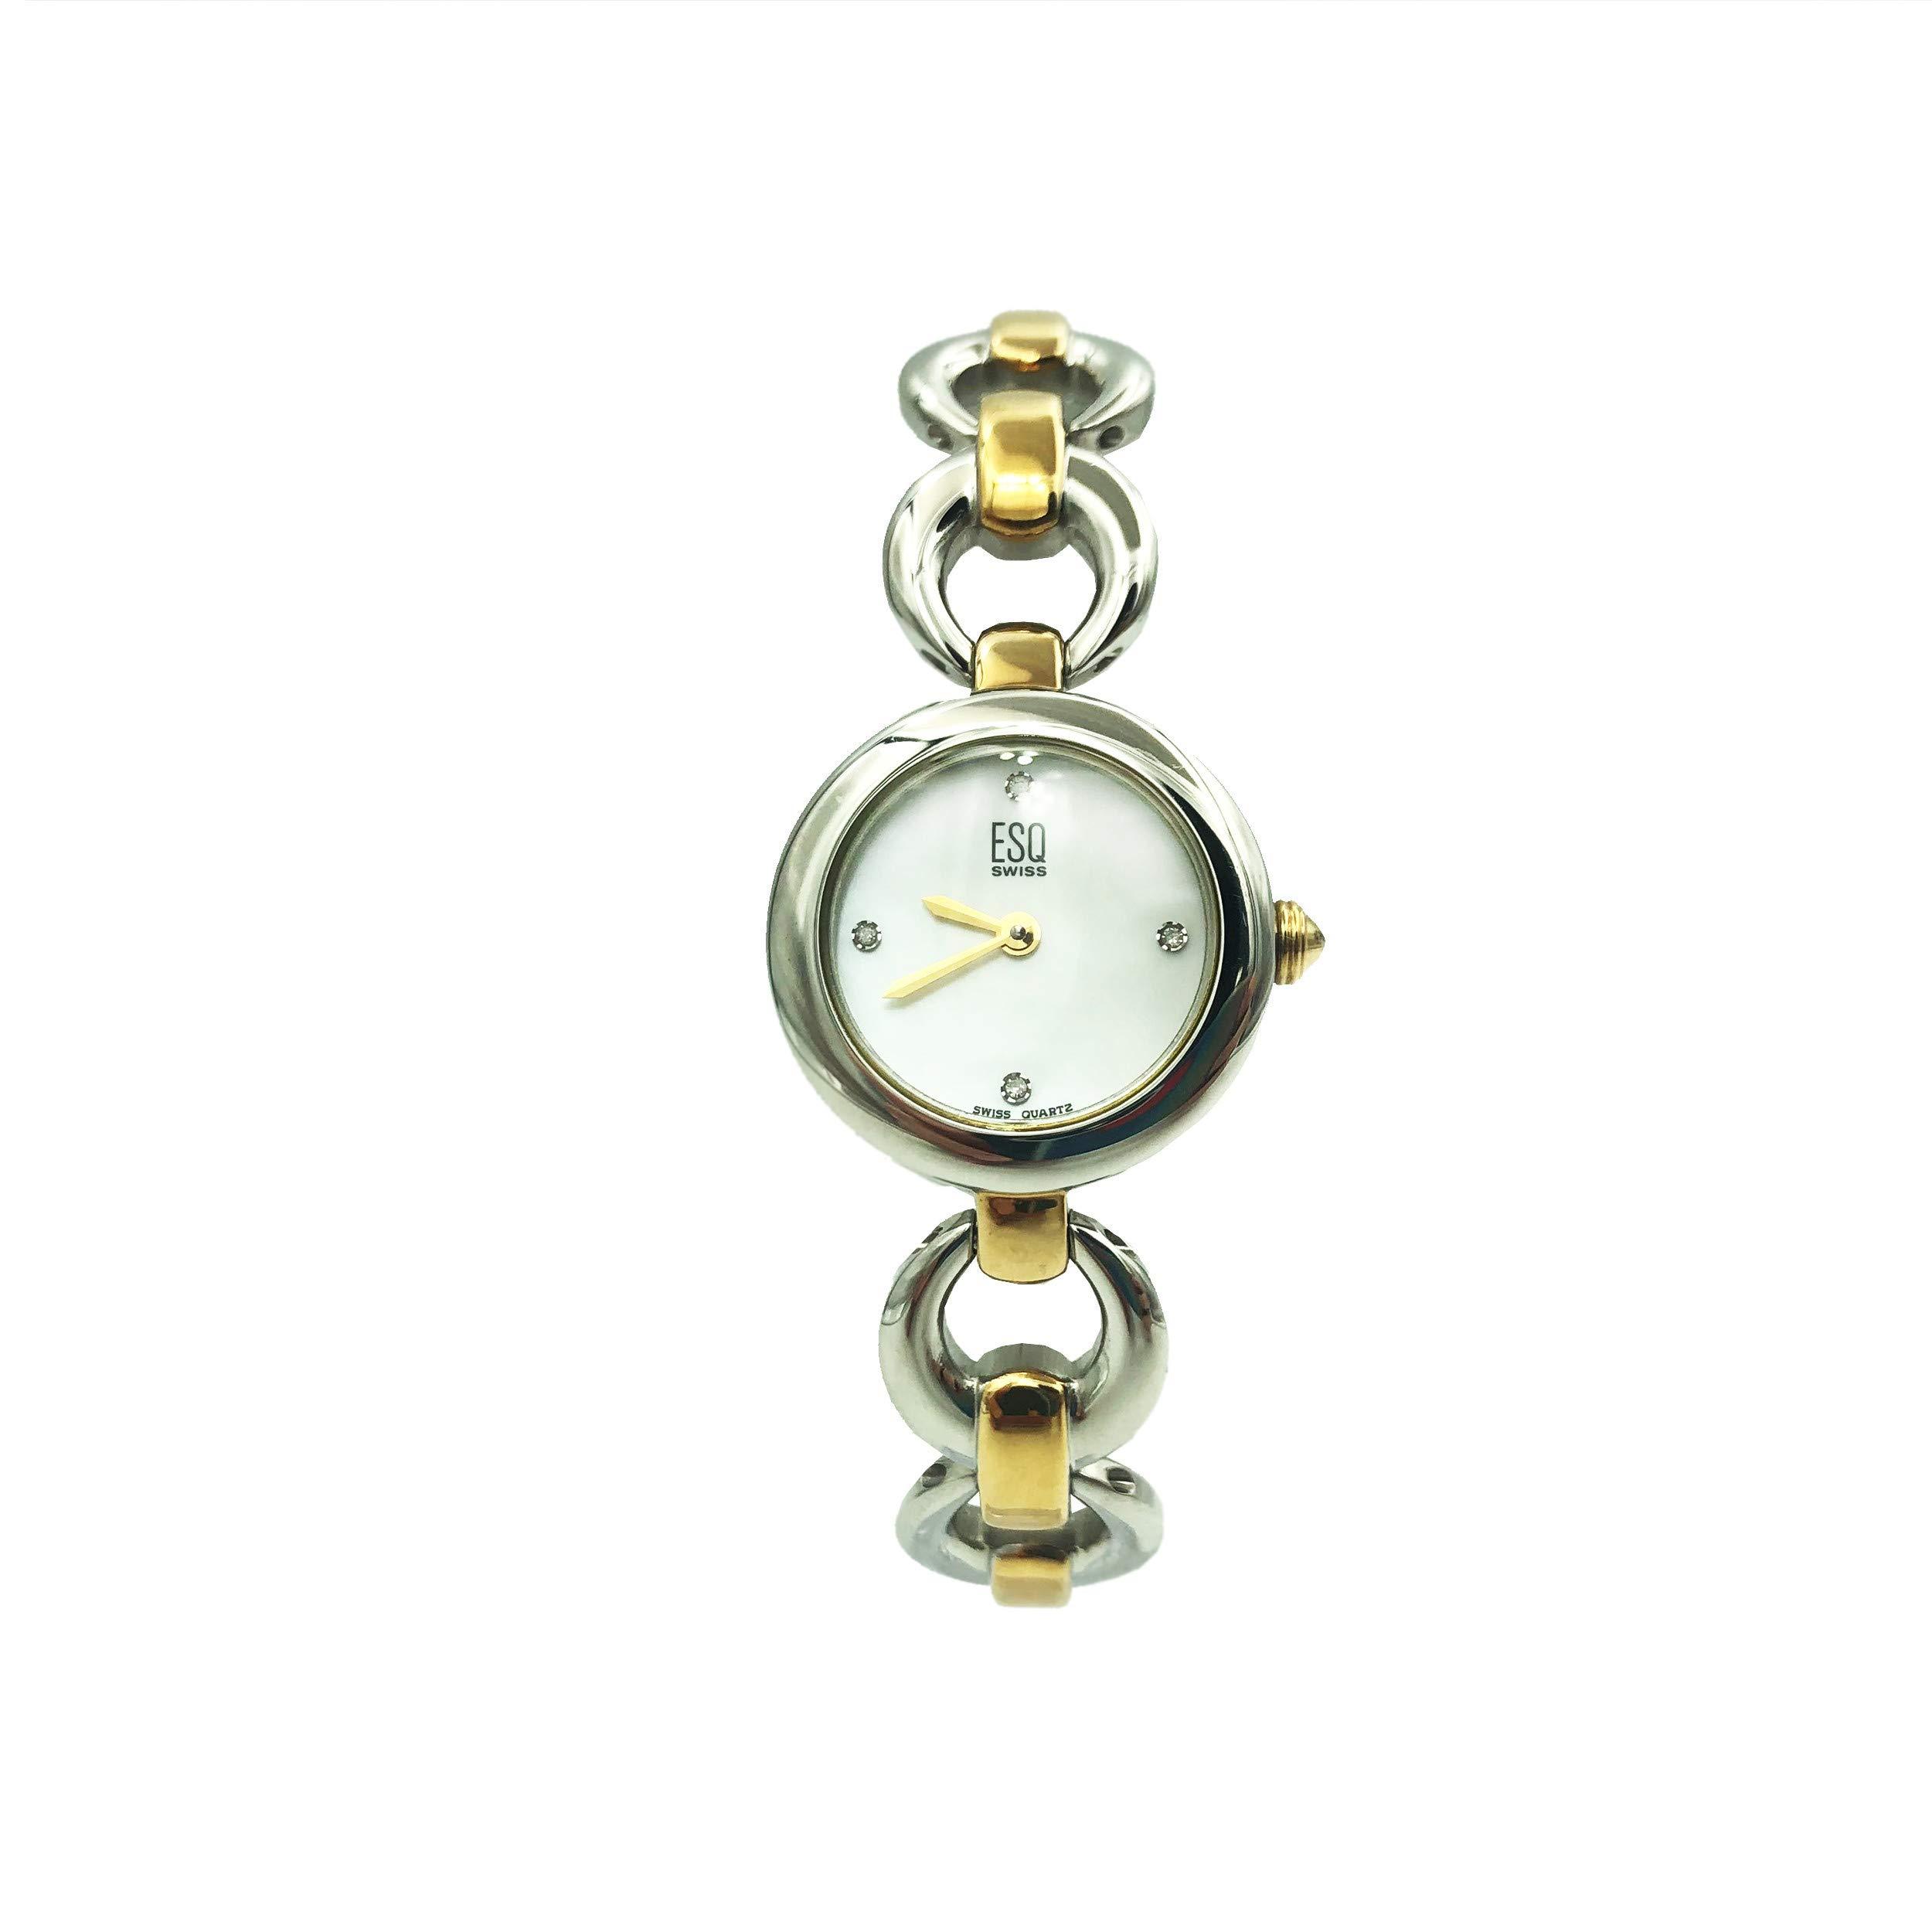 ESQ Classic Quartz Female Watch 07101188 (Certified Pre-Owned) by ESQ